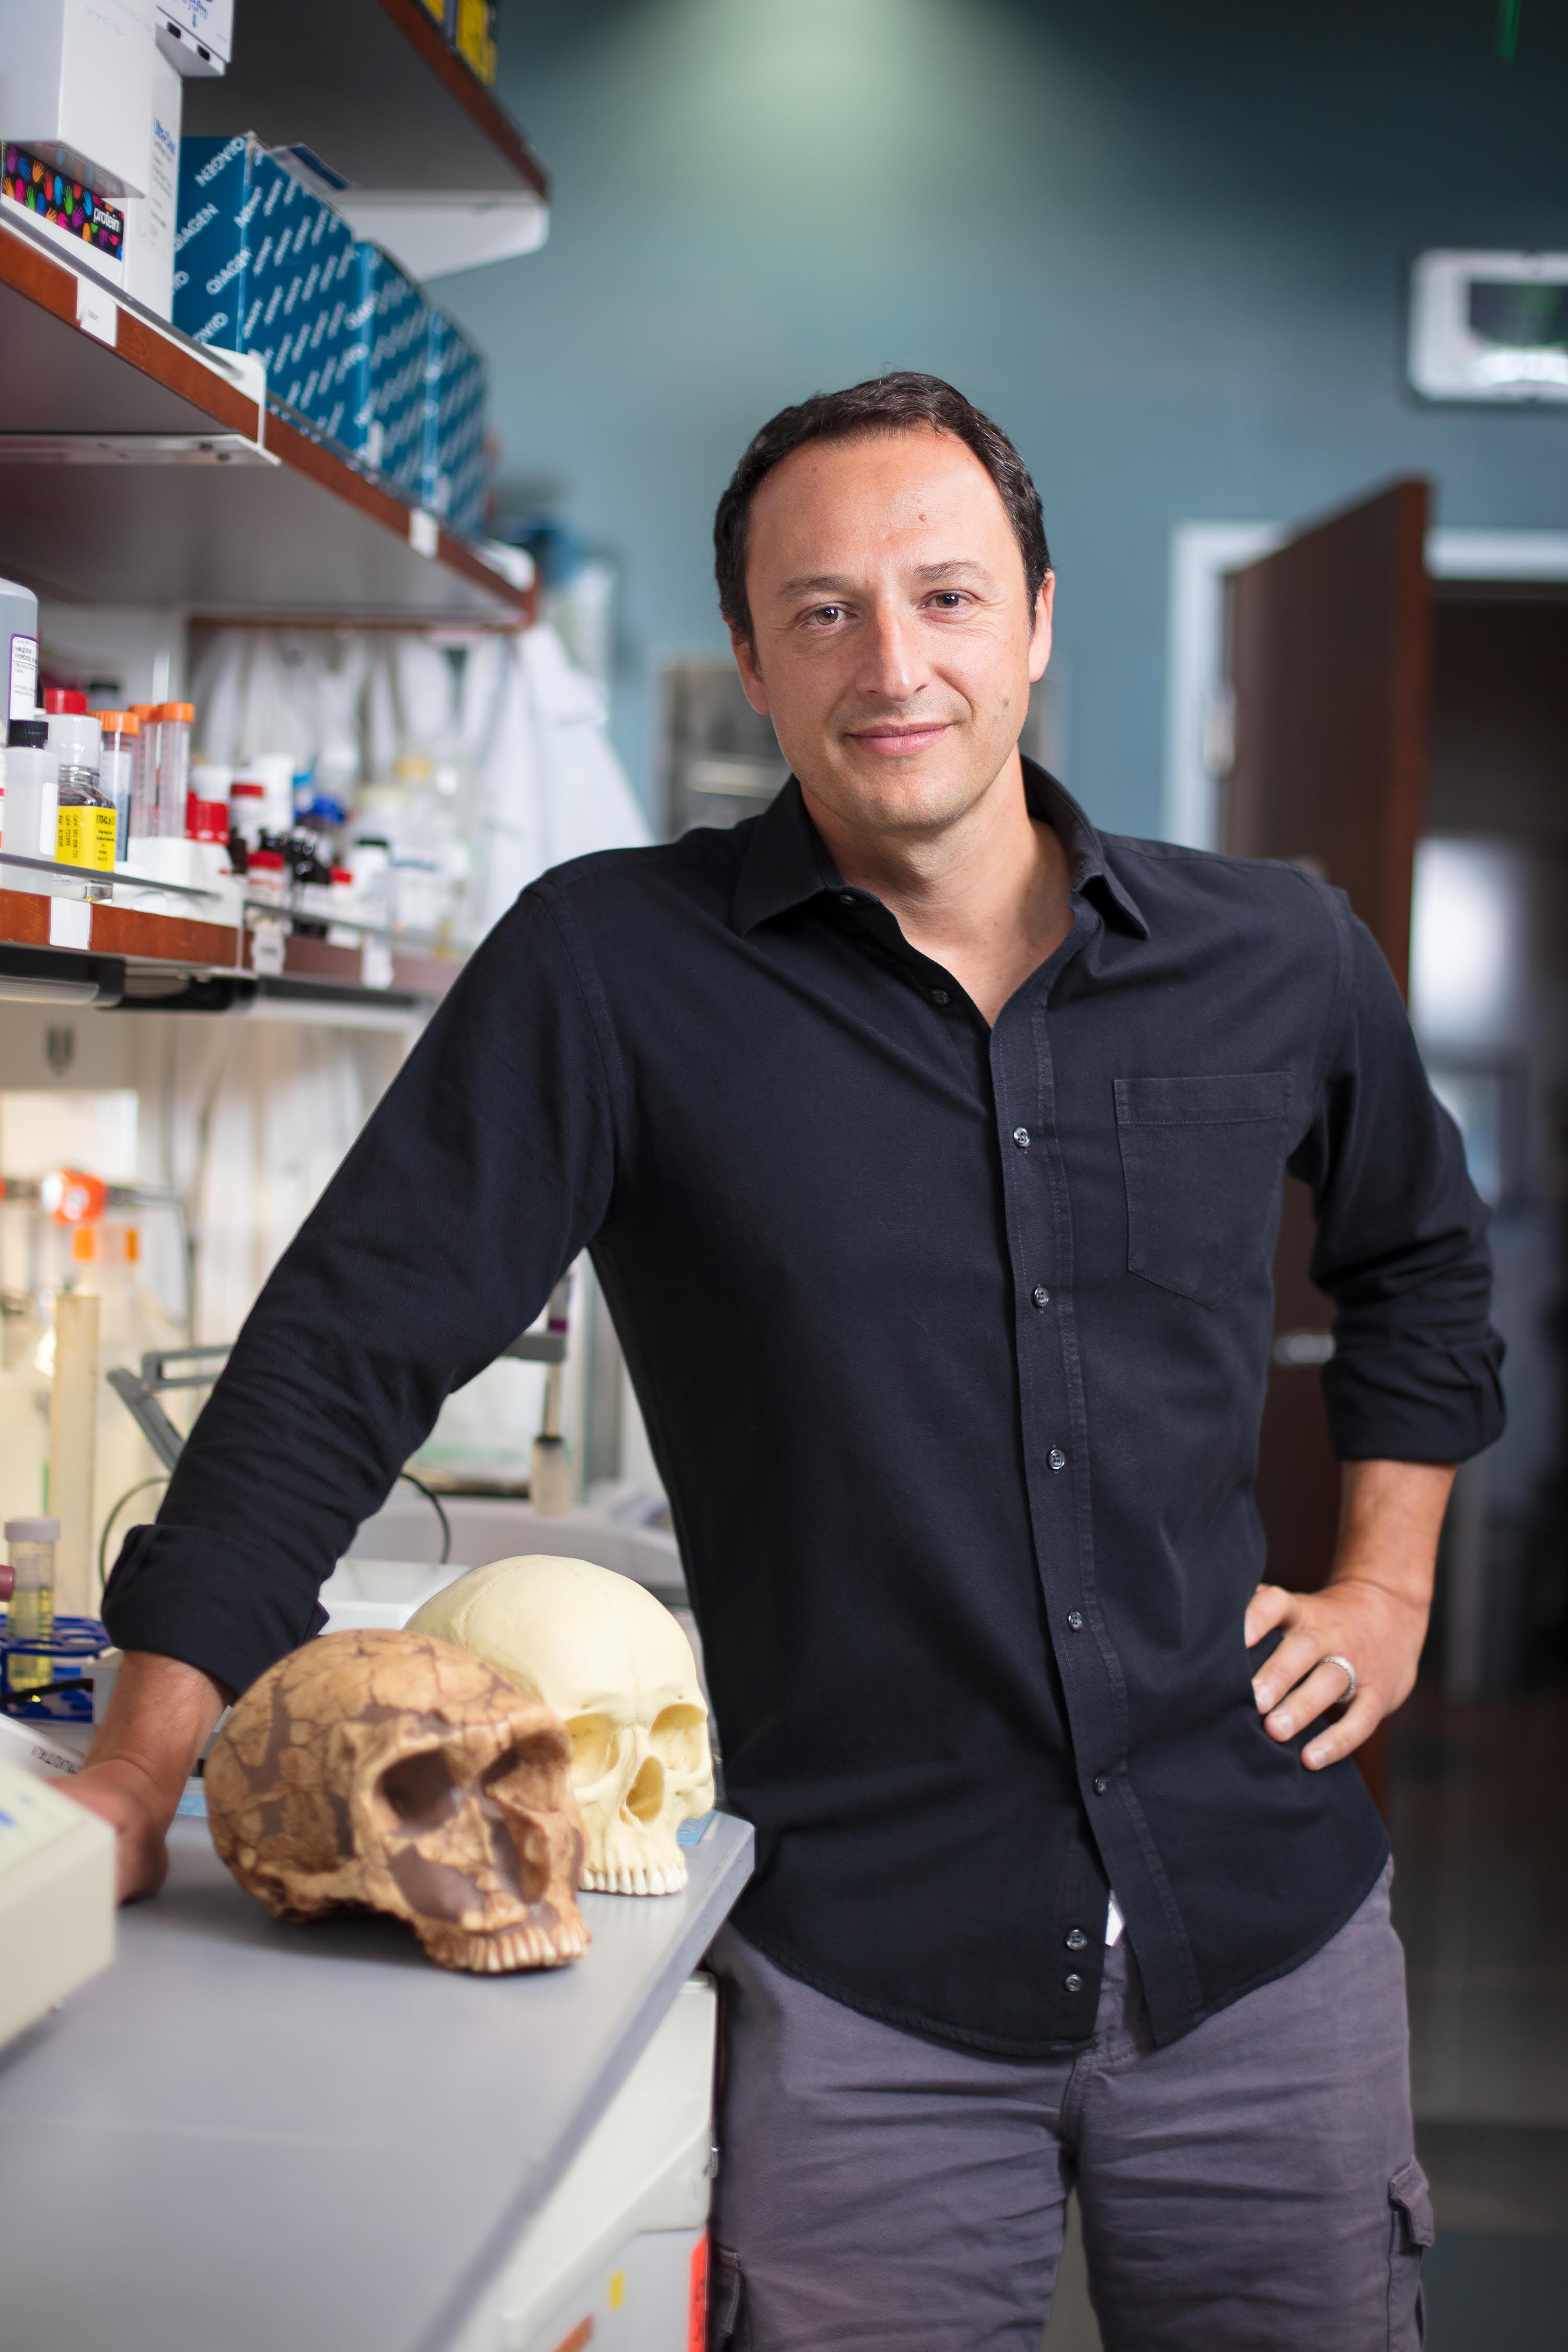 Alysson Muotri en su laboratorio en la Universidad de California en San Diego